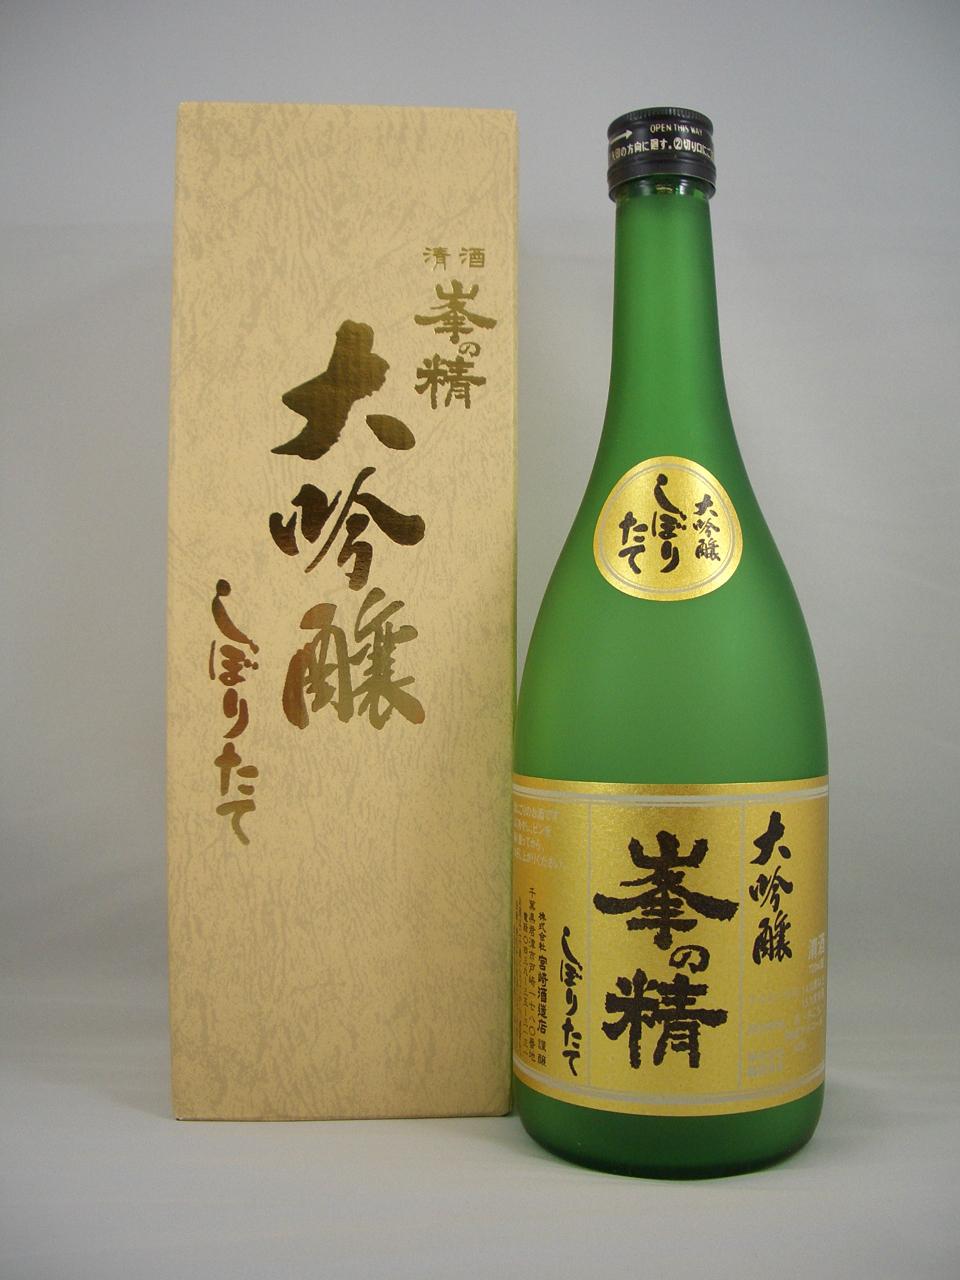 【かずさ・臨海】地酒や人気スイーツ等が選べるカタログを進呈